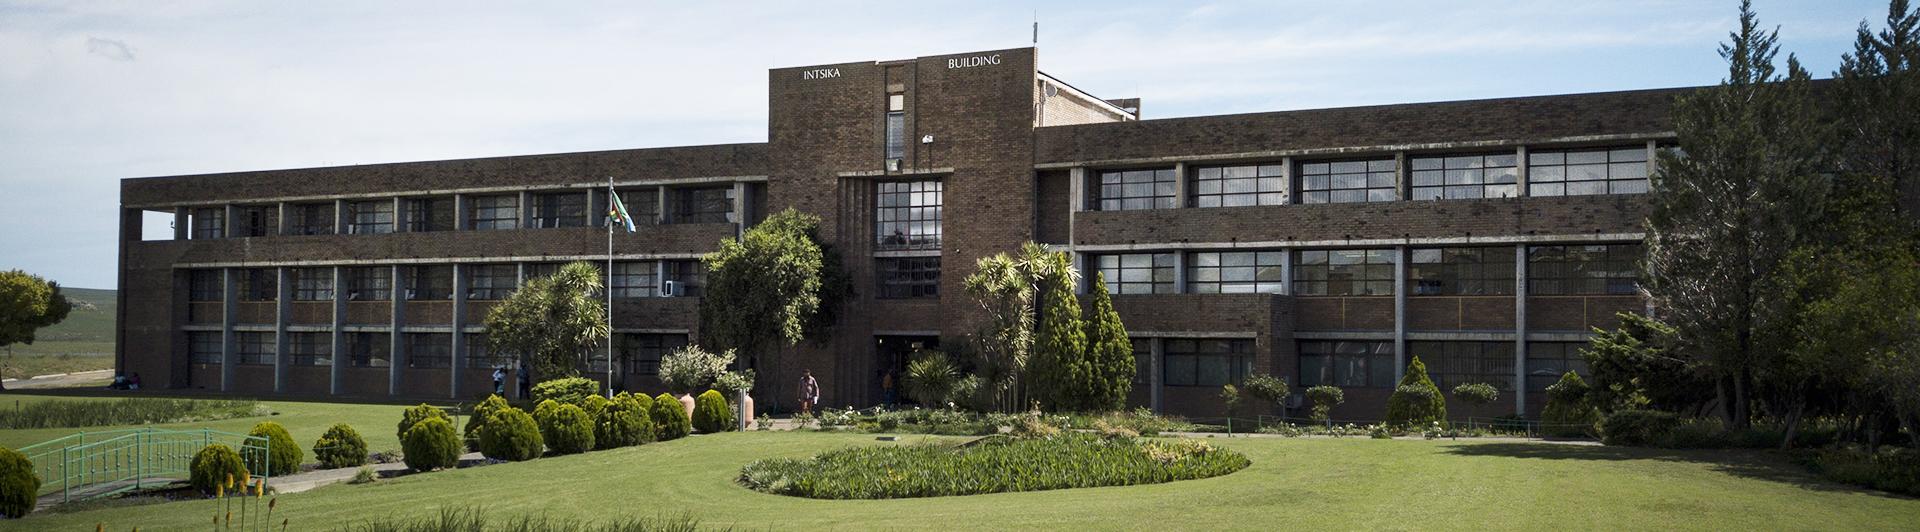 Qwaqwa Campus Admin Building